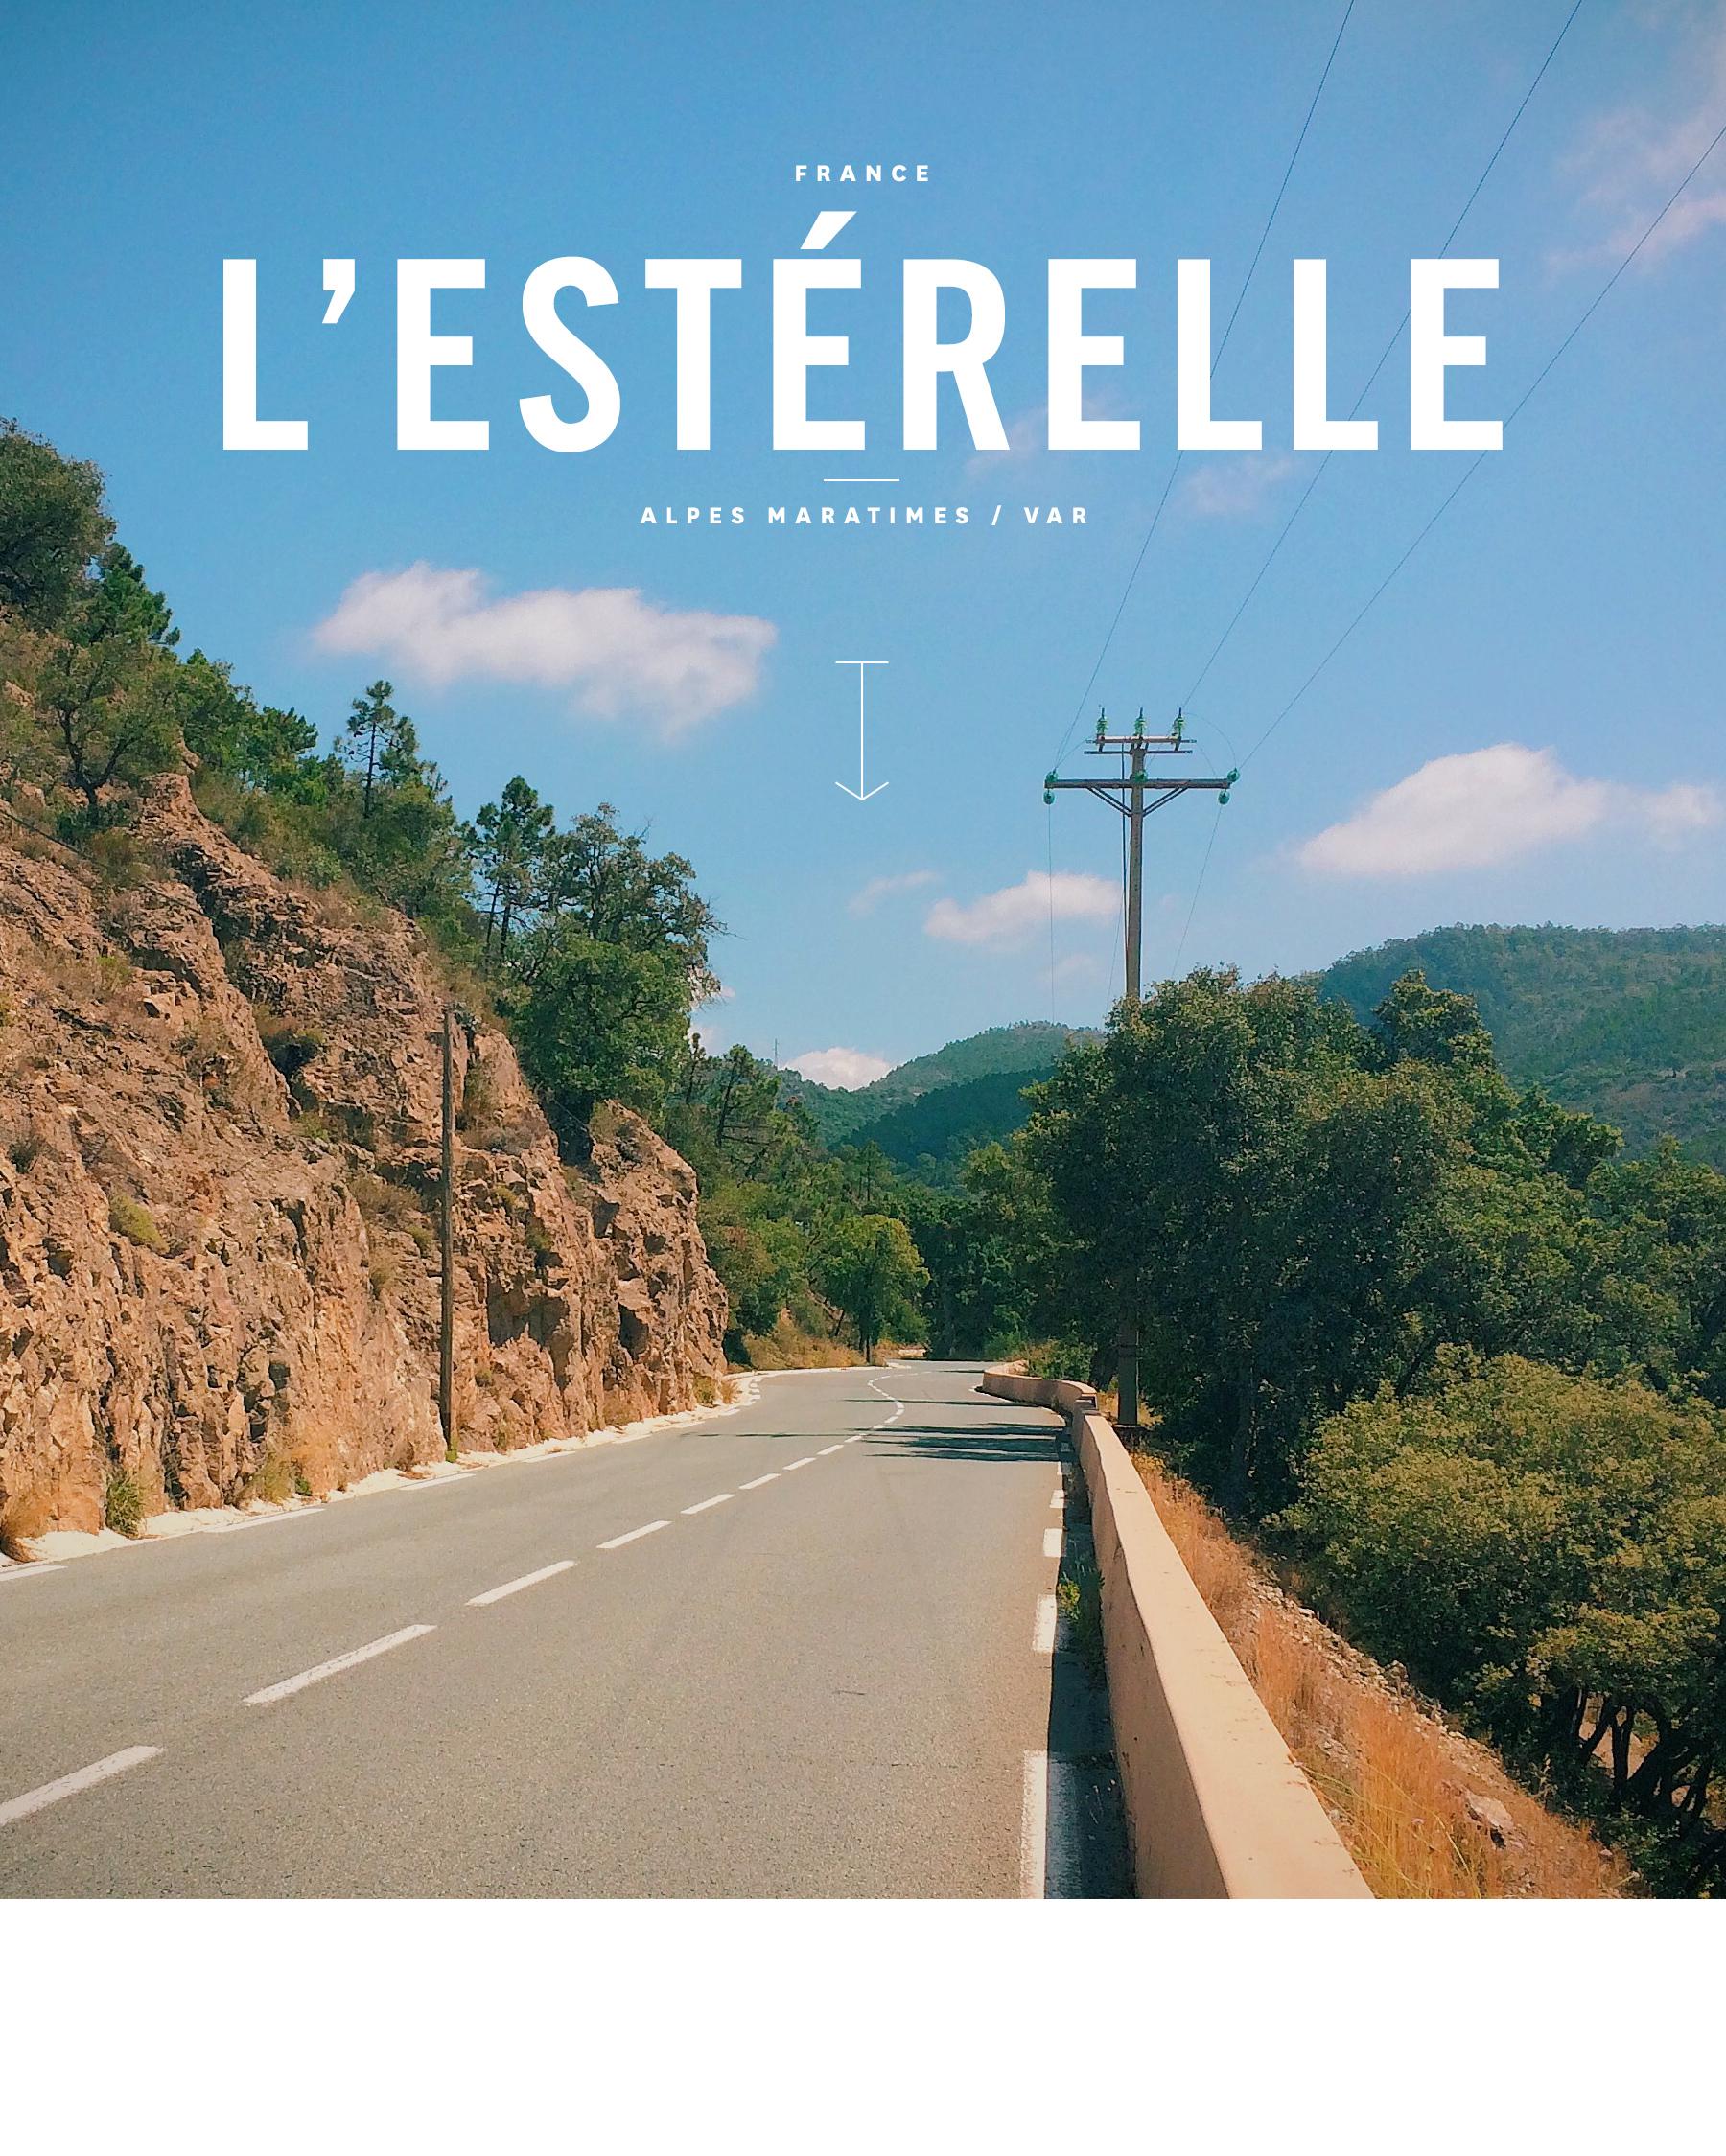 JE_Main_Esterelle